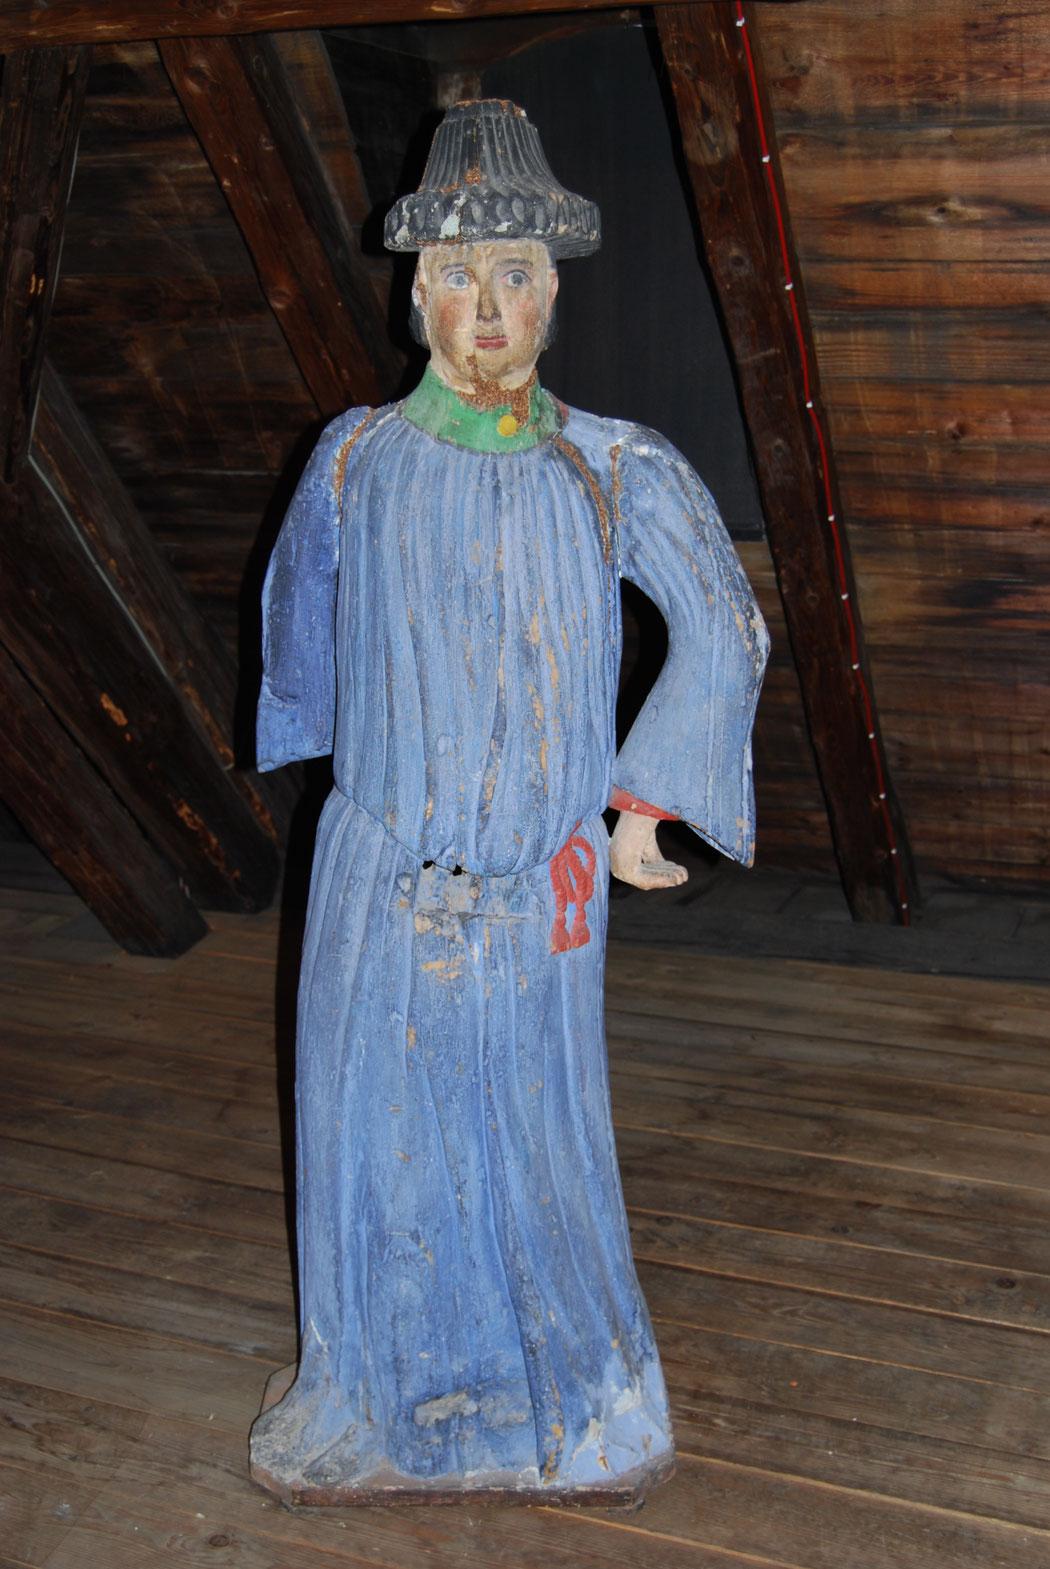 Figurenbeute Mann, letzter mir bekannter Ankauf des Agrar- und Freilichtmuseums Schloß Blankenhain